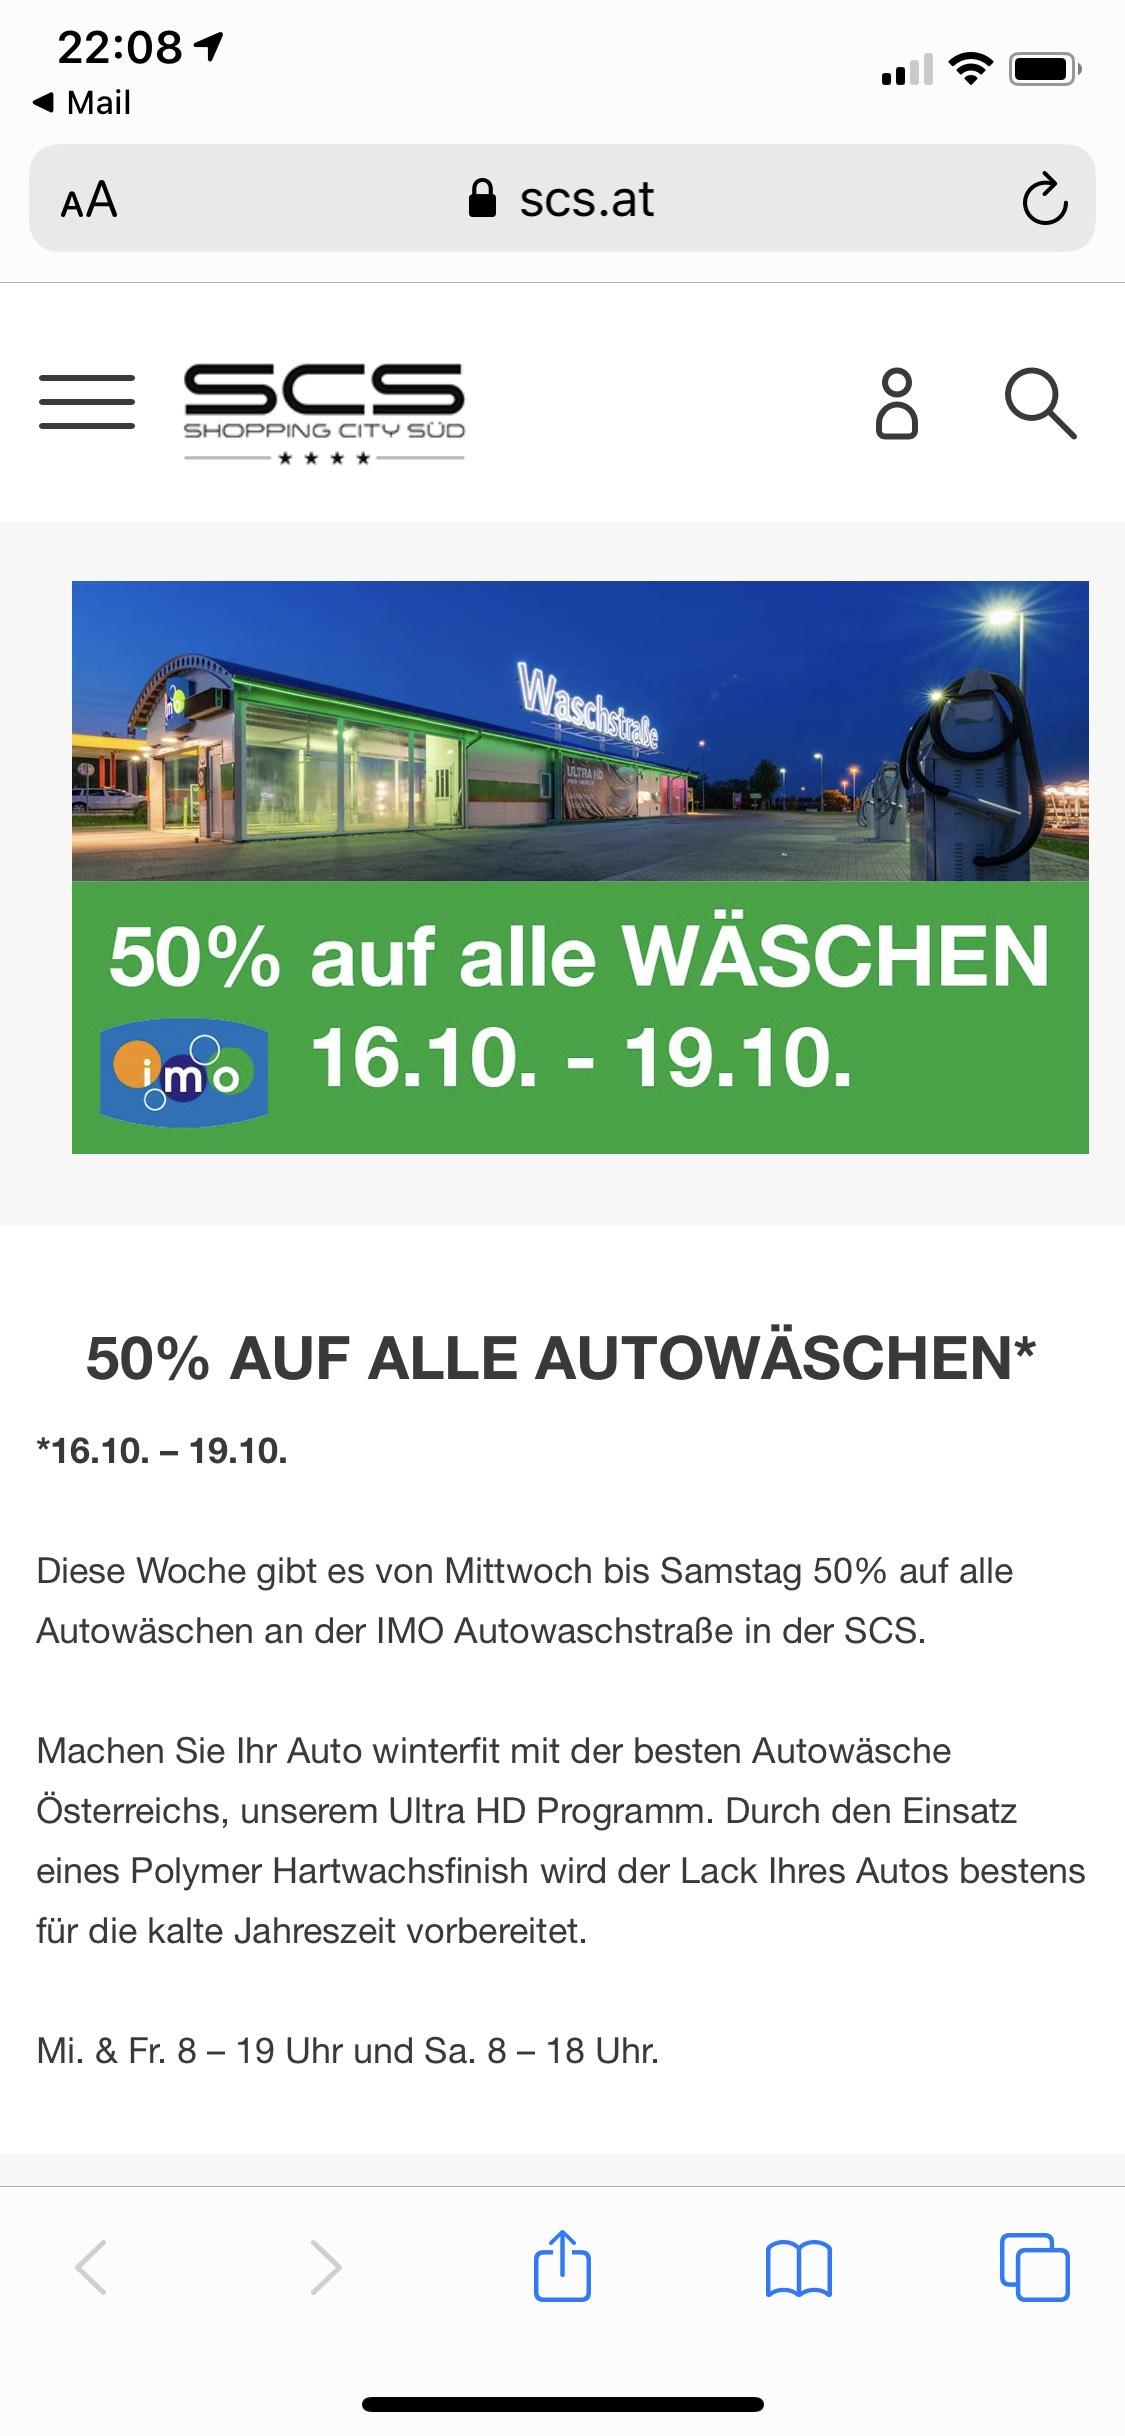 50% auf alle Autowäschen, IMO Waschstraße SCS bis 19.10